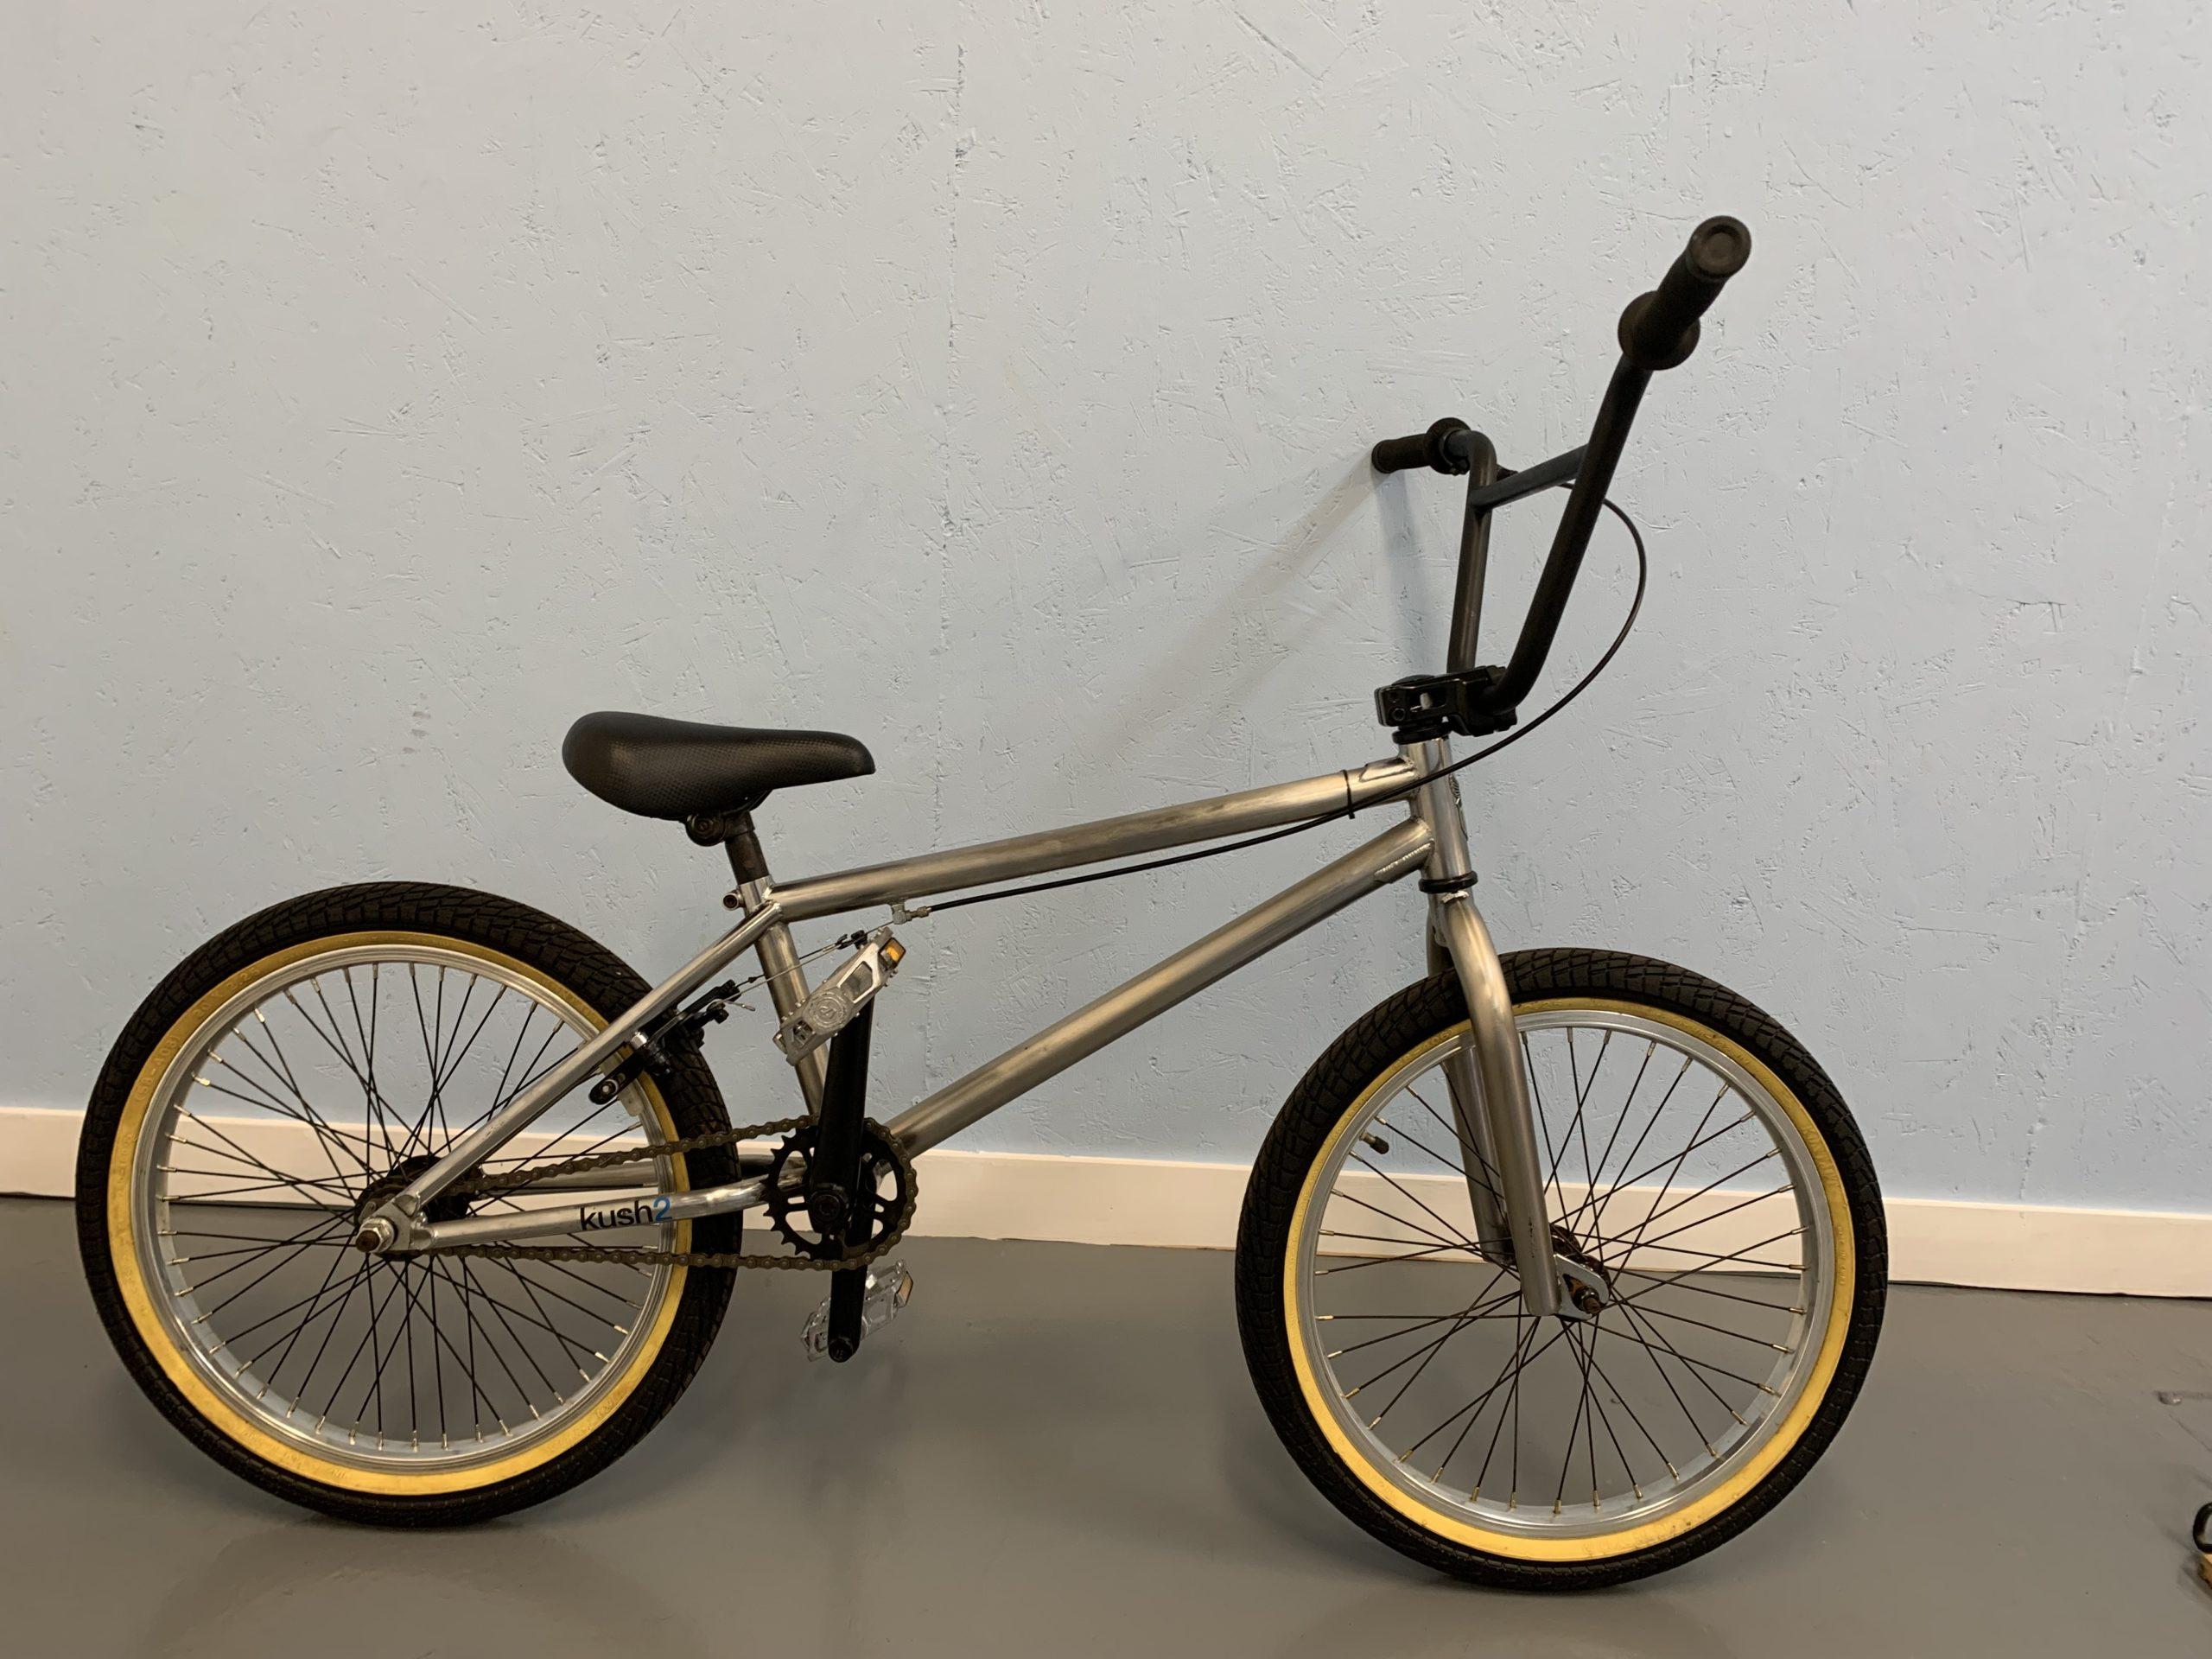 Mafia Bikes kush 2 BMX